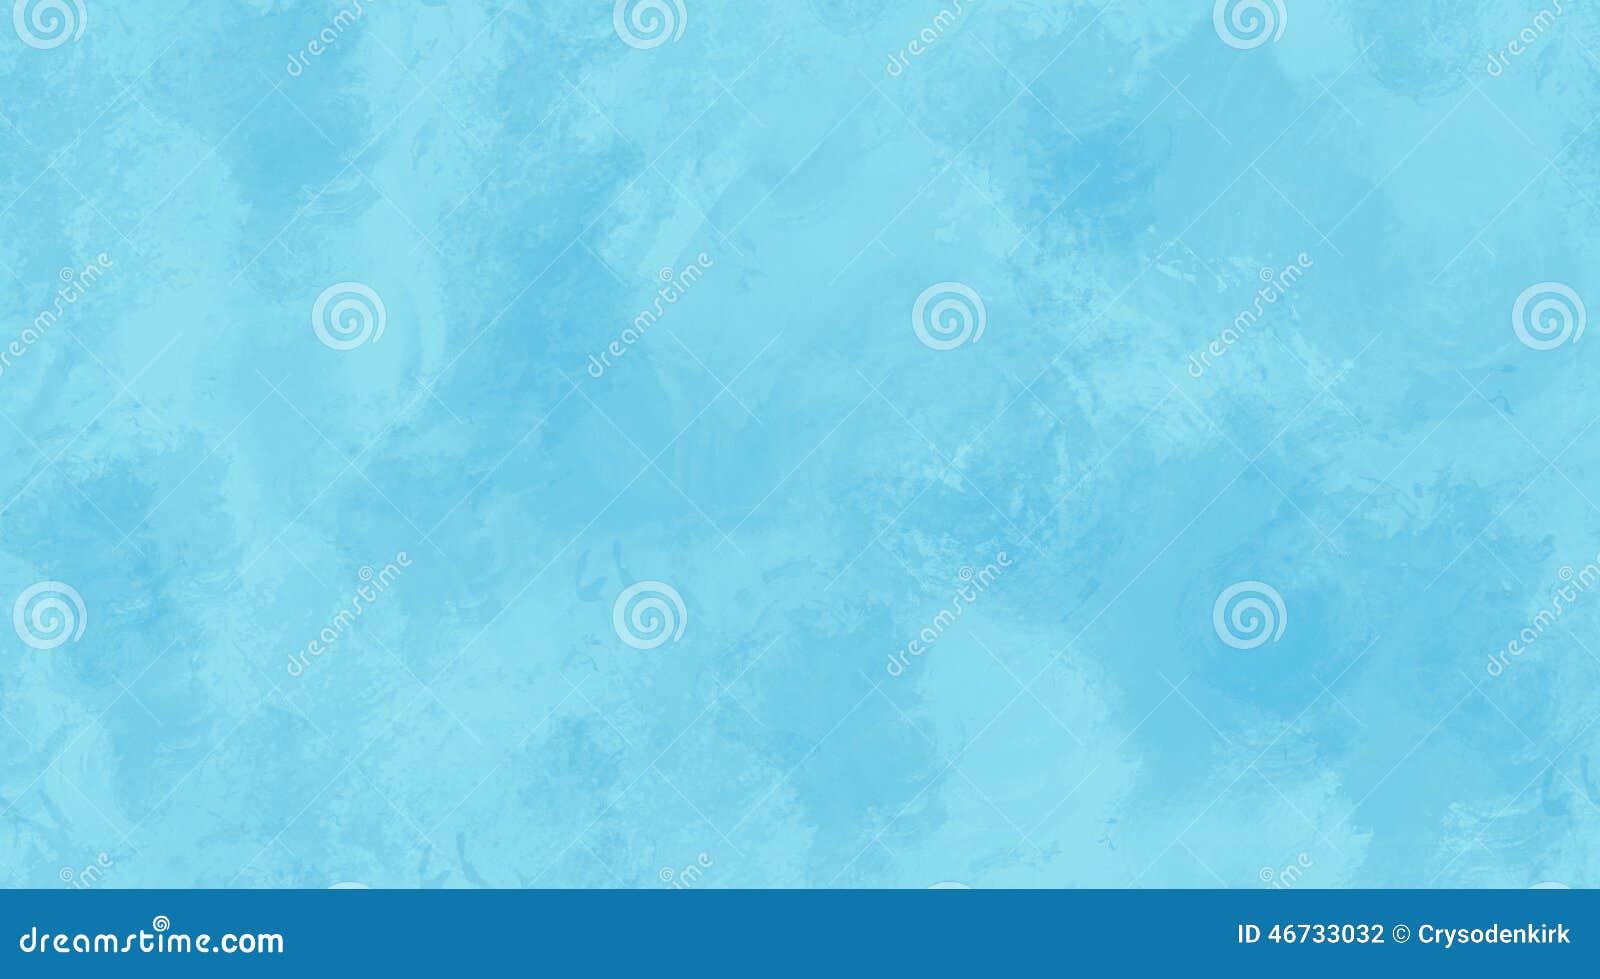 Μπλε Watercolor σύσταση κεραμιδιών υποβάθρου άνευ ραφής